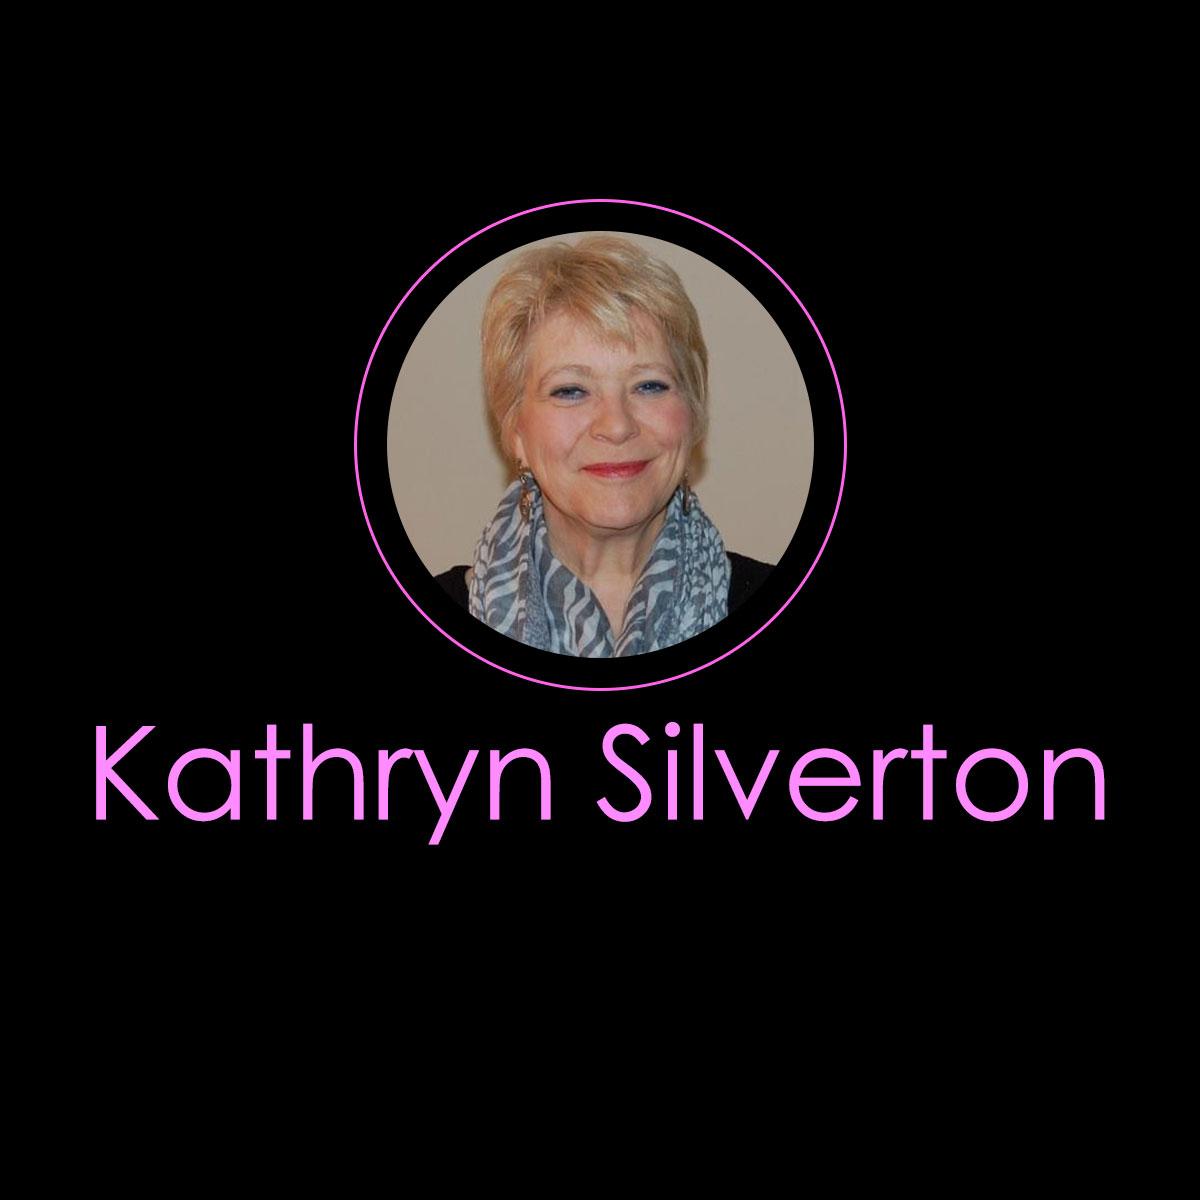 Kathryn L. Silverton